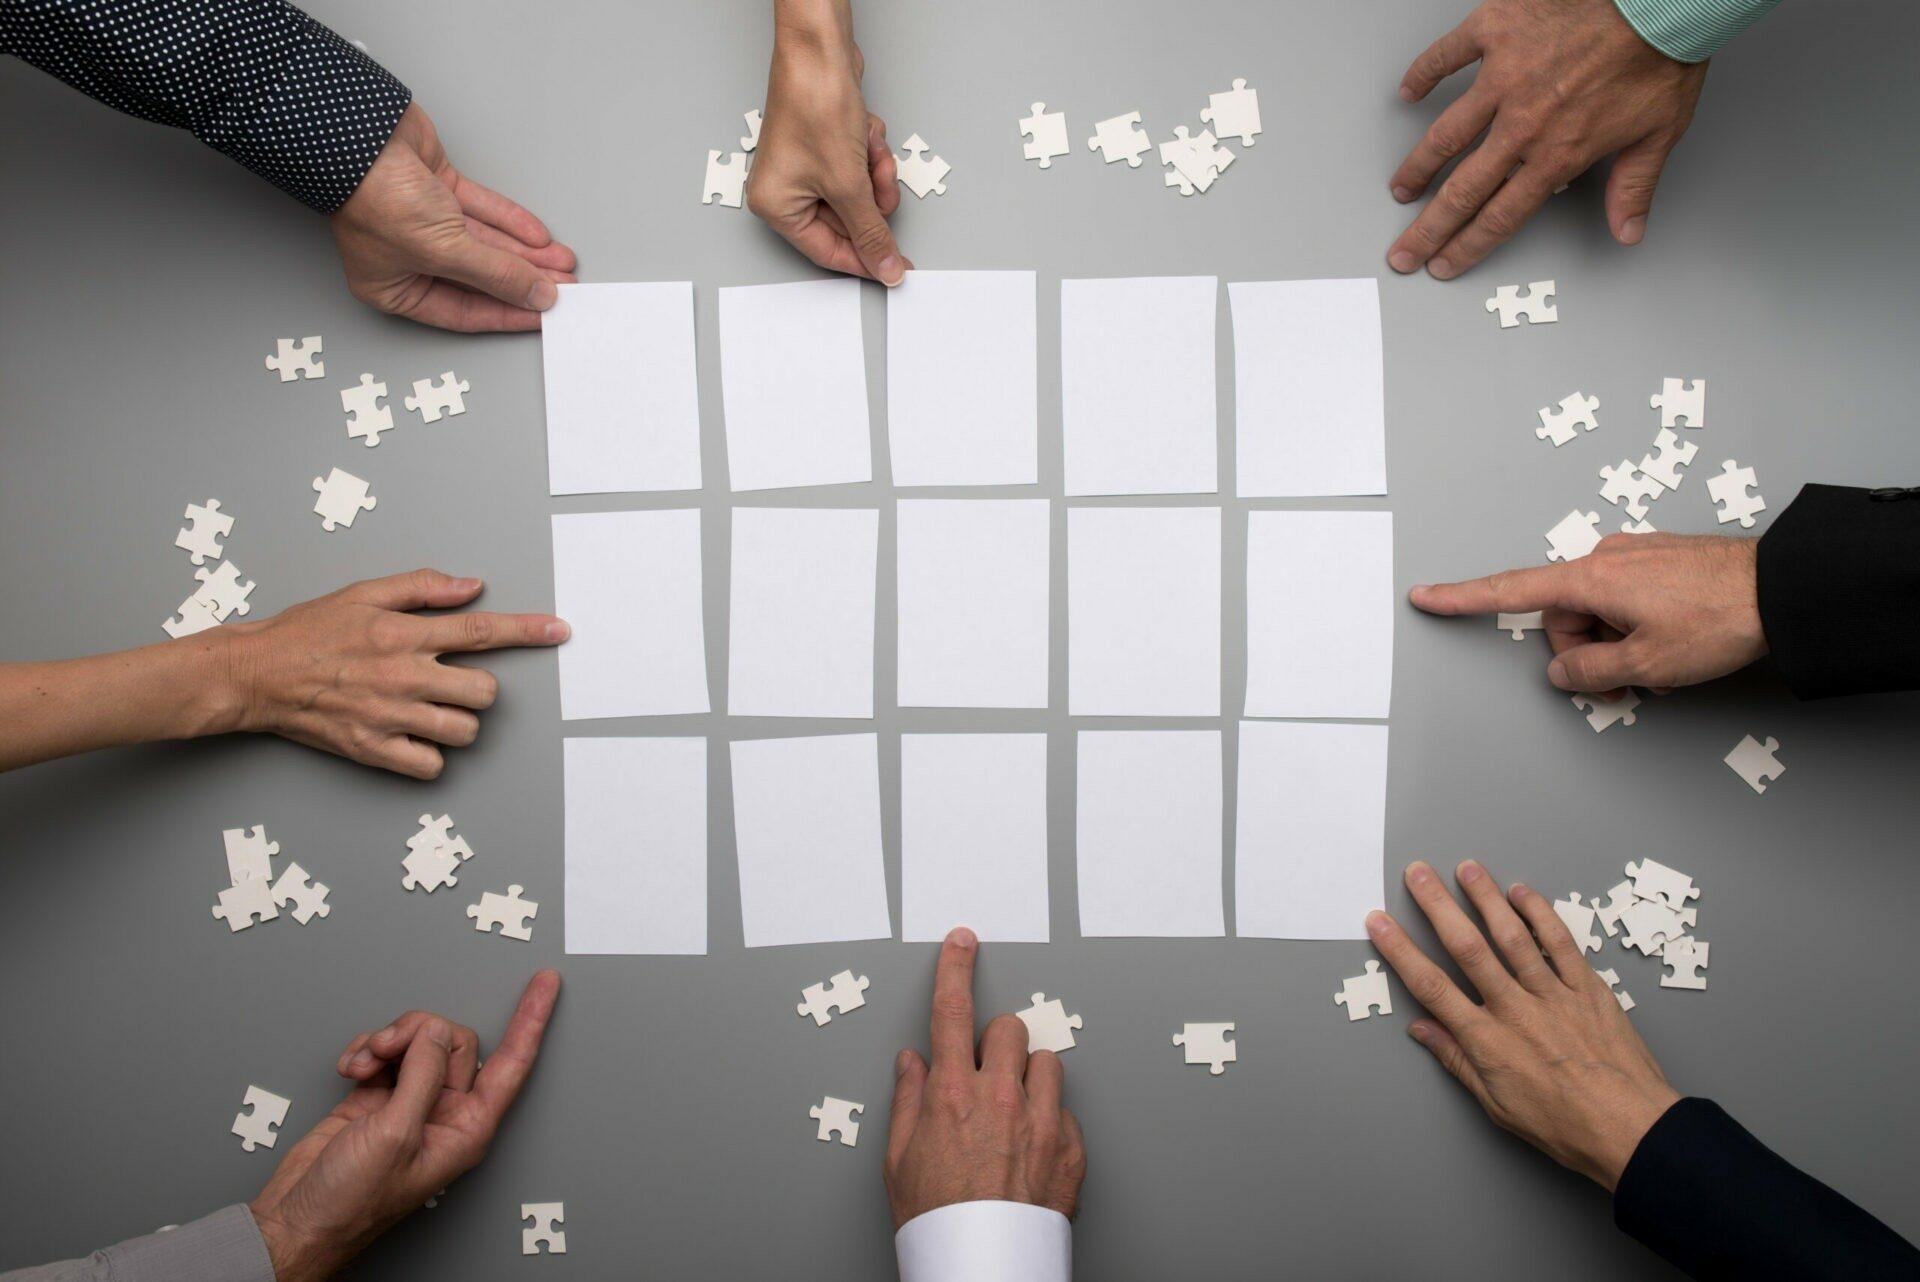 Fünfzehn Rechtecke die von Puzzleteilen umgeben sind. Acht verschiedene Hände greifen nach den Rechtecken.